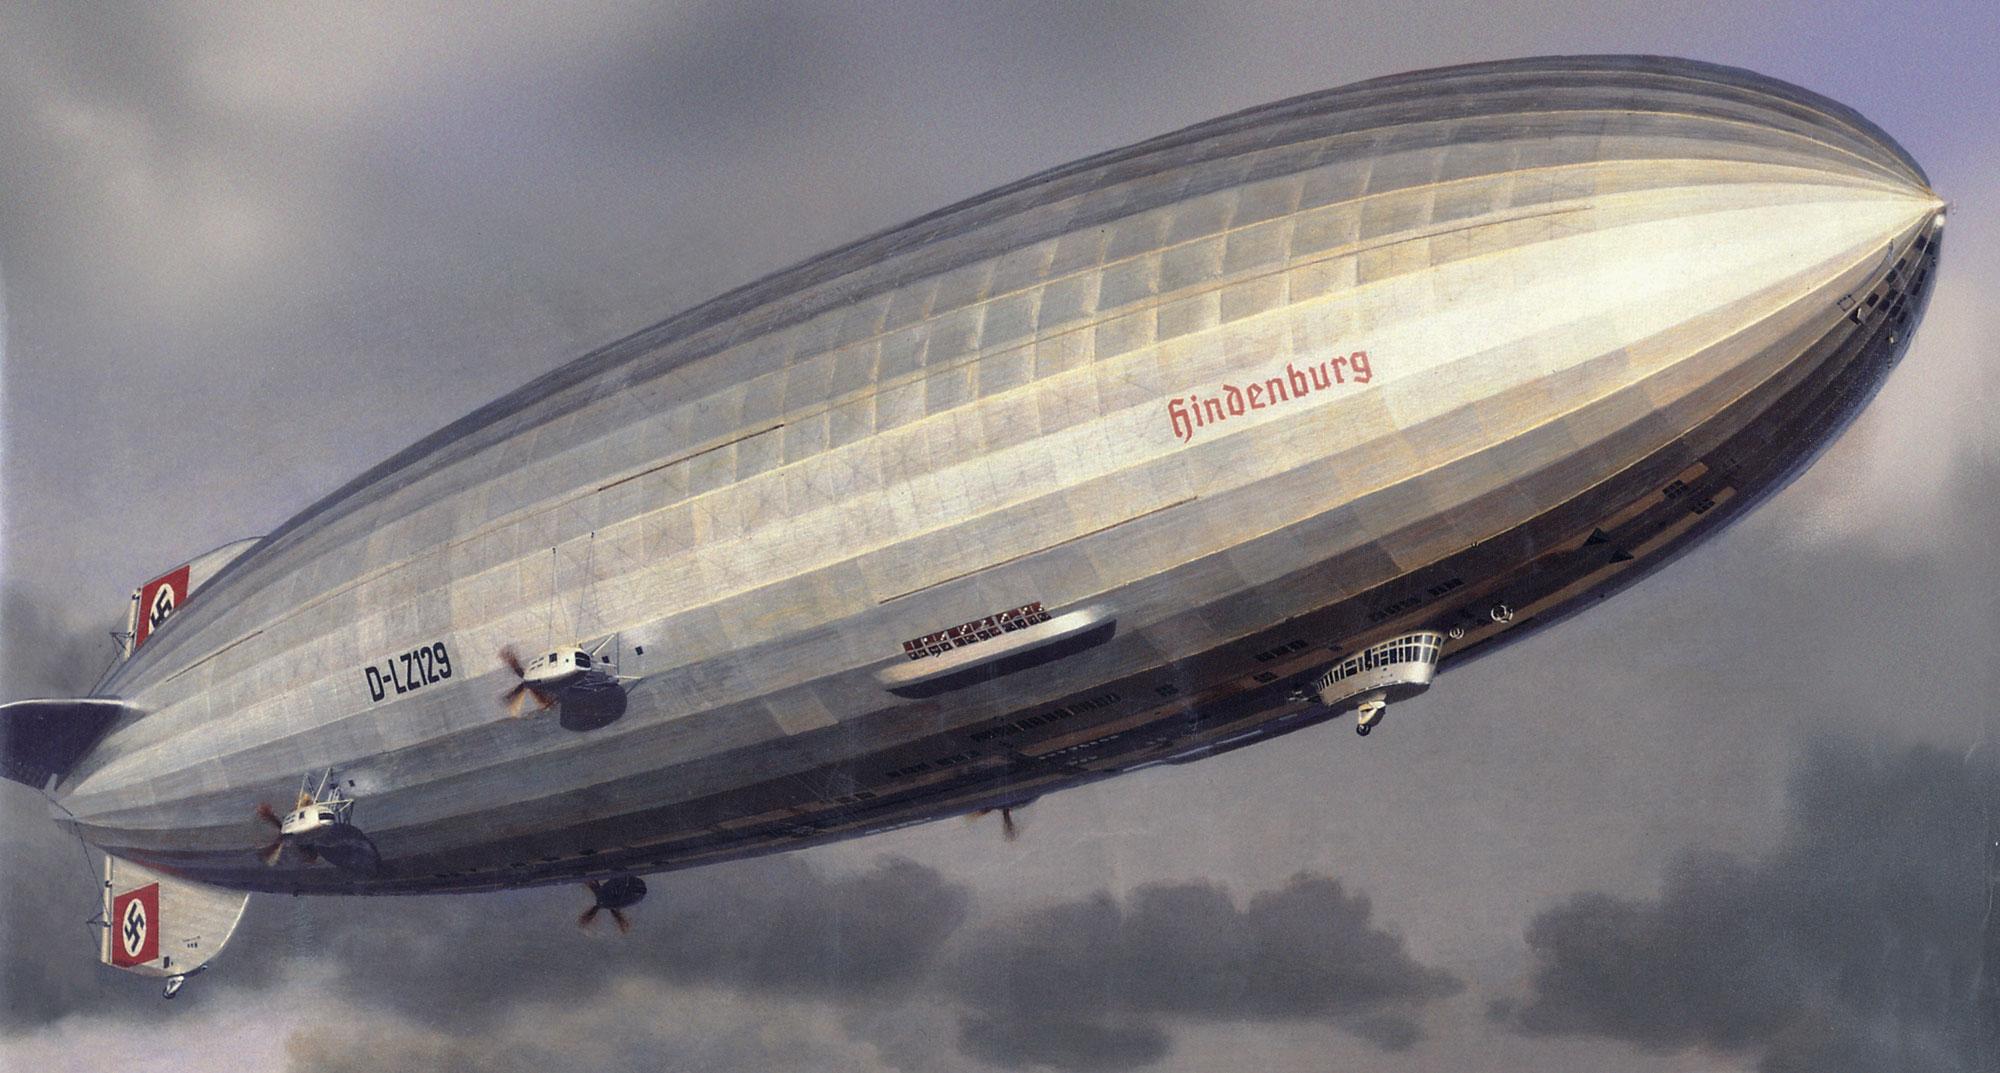 Гинденбург